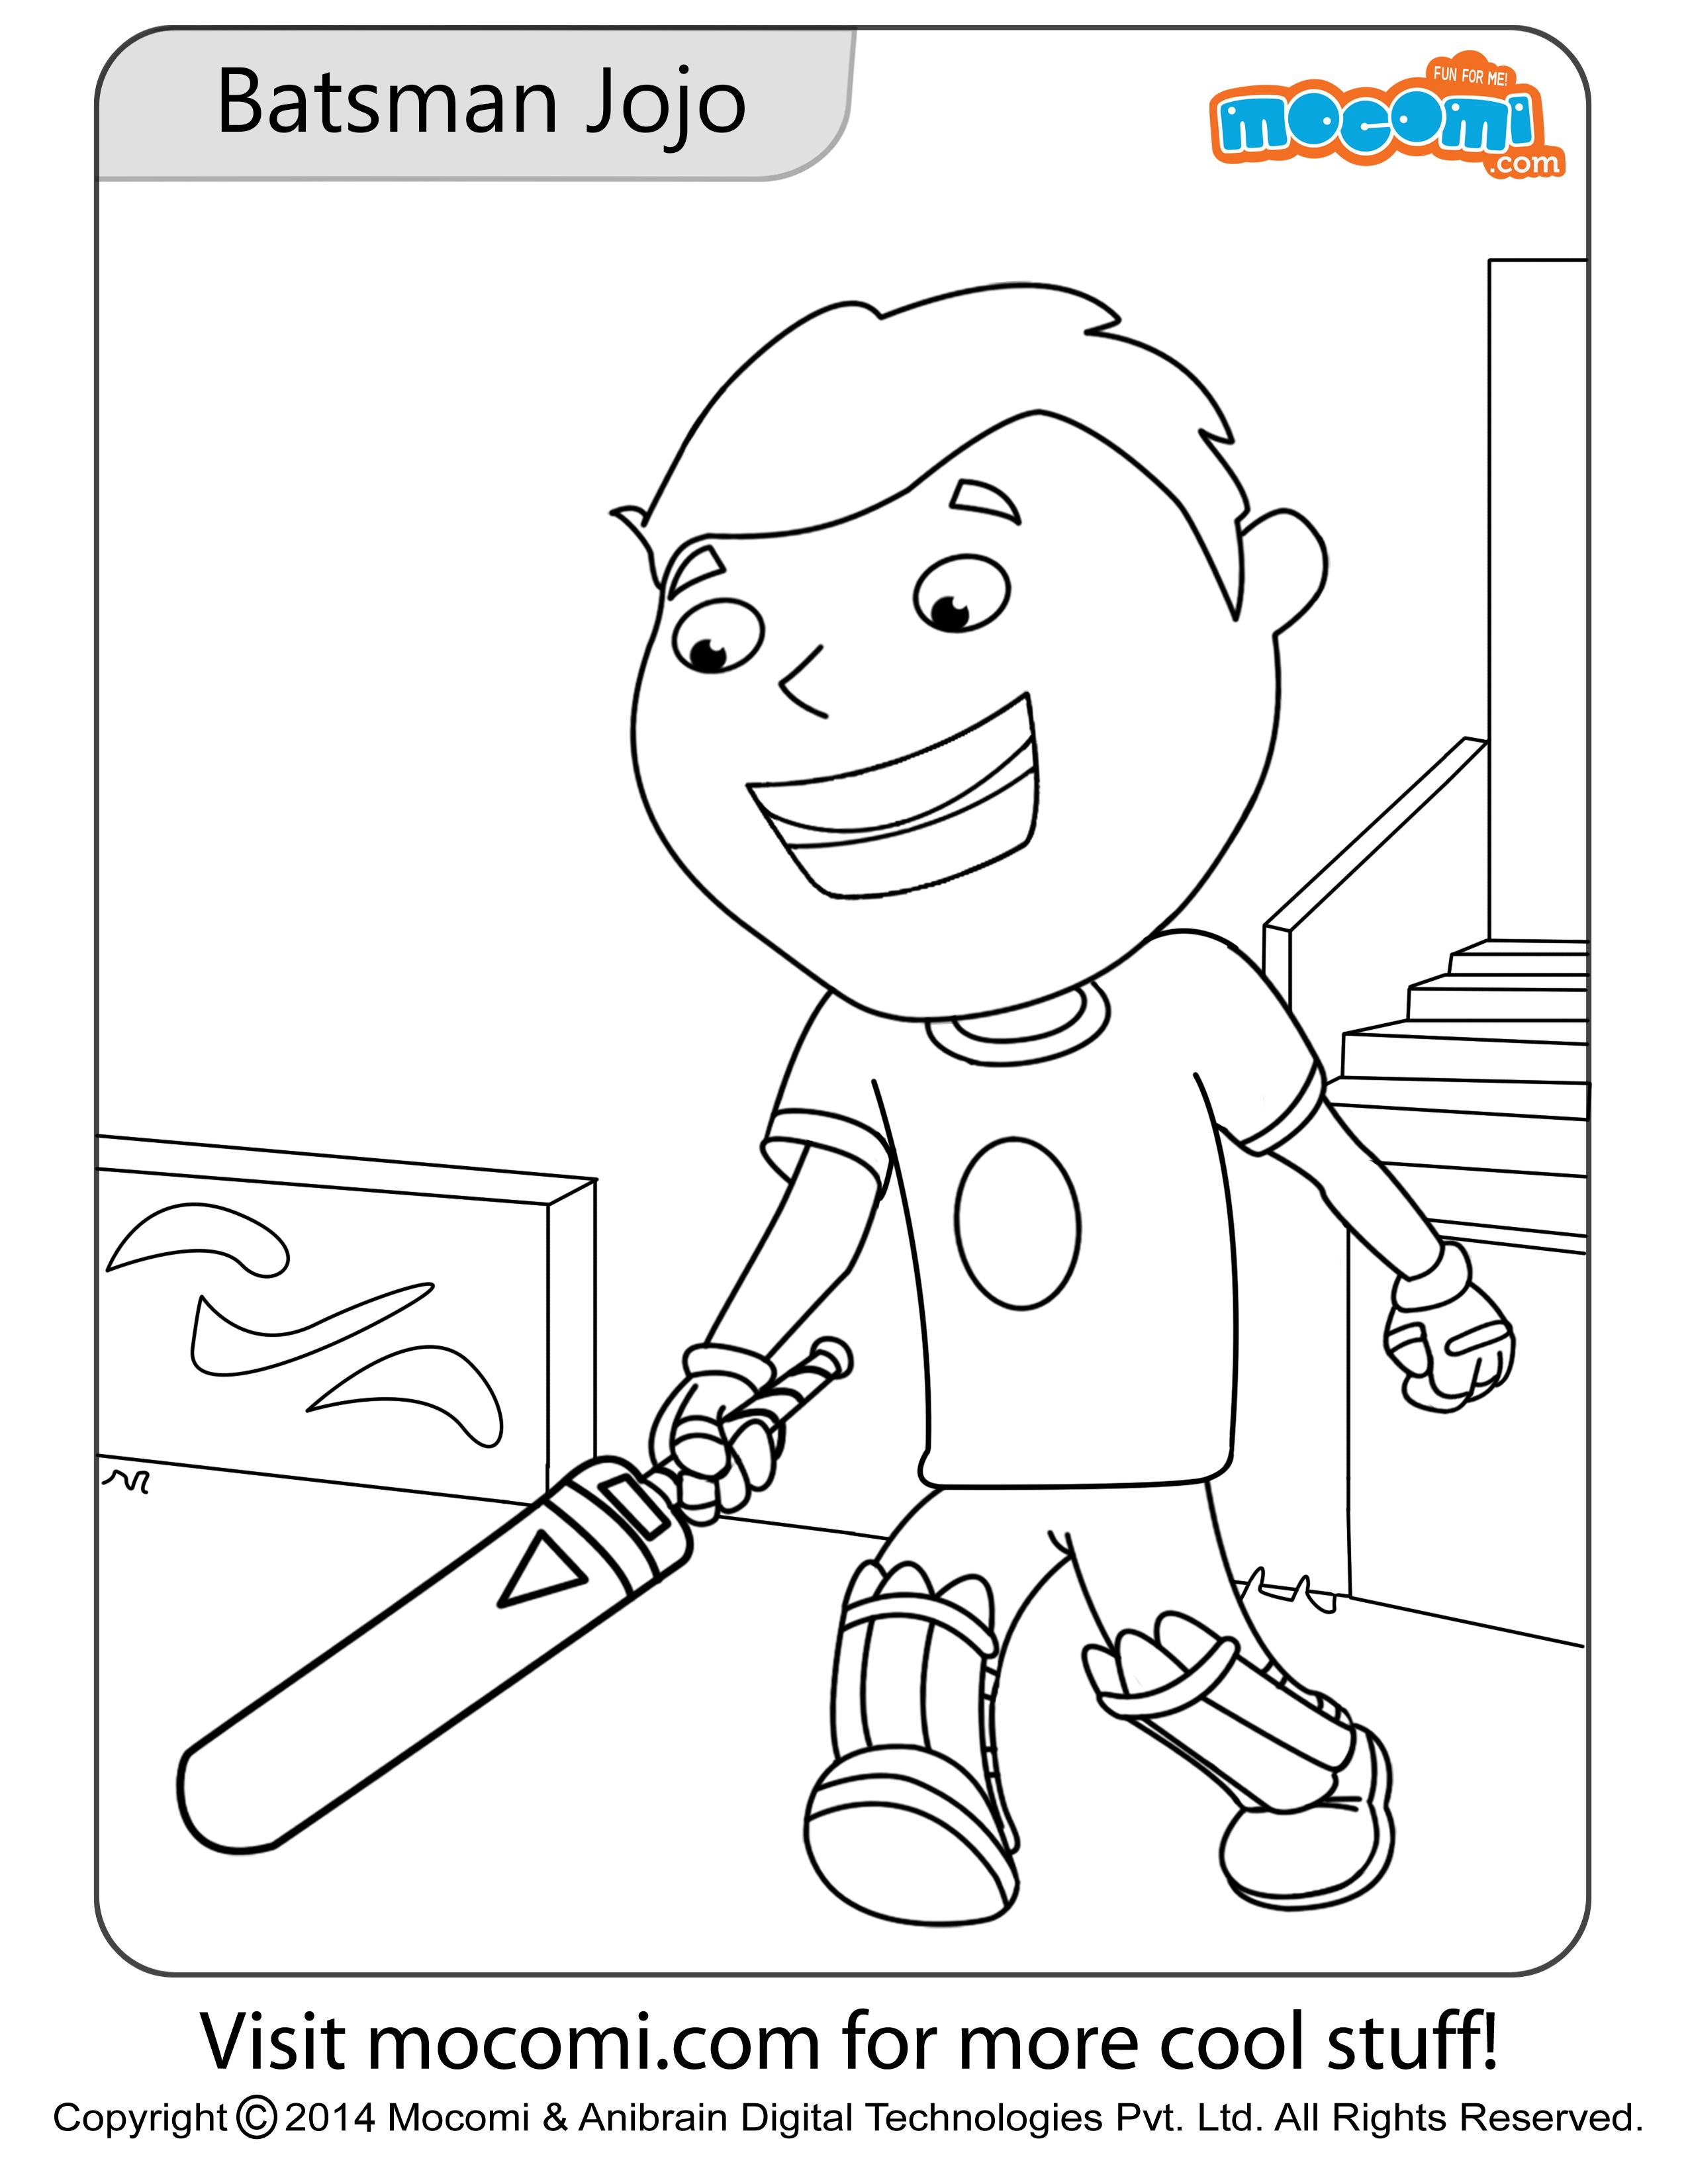 Batsman Jojo